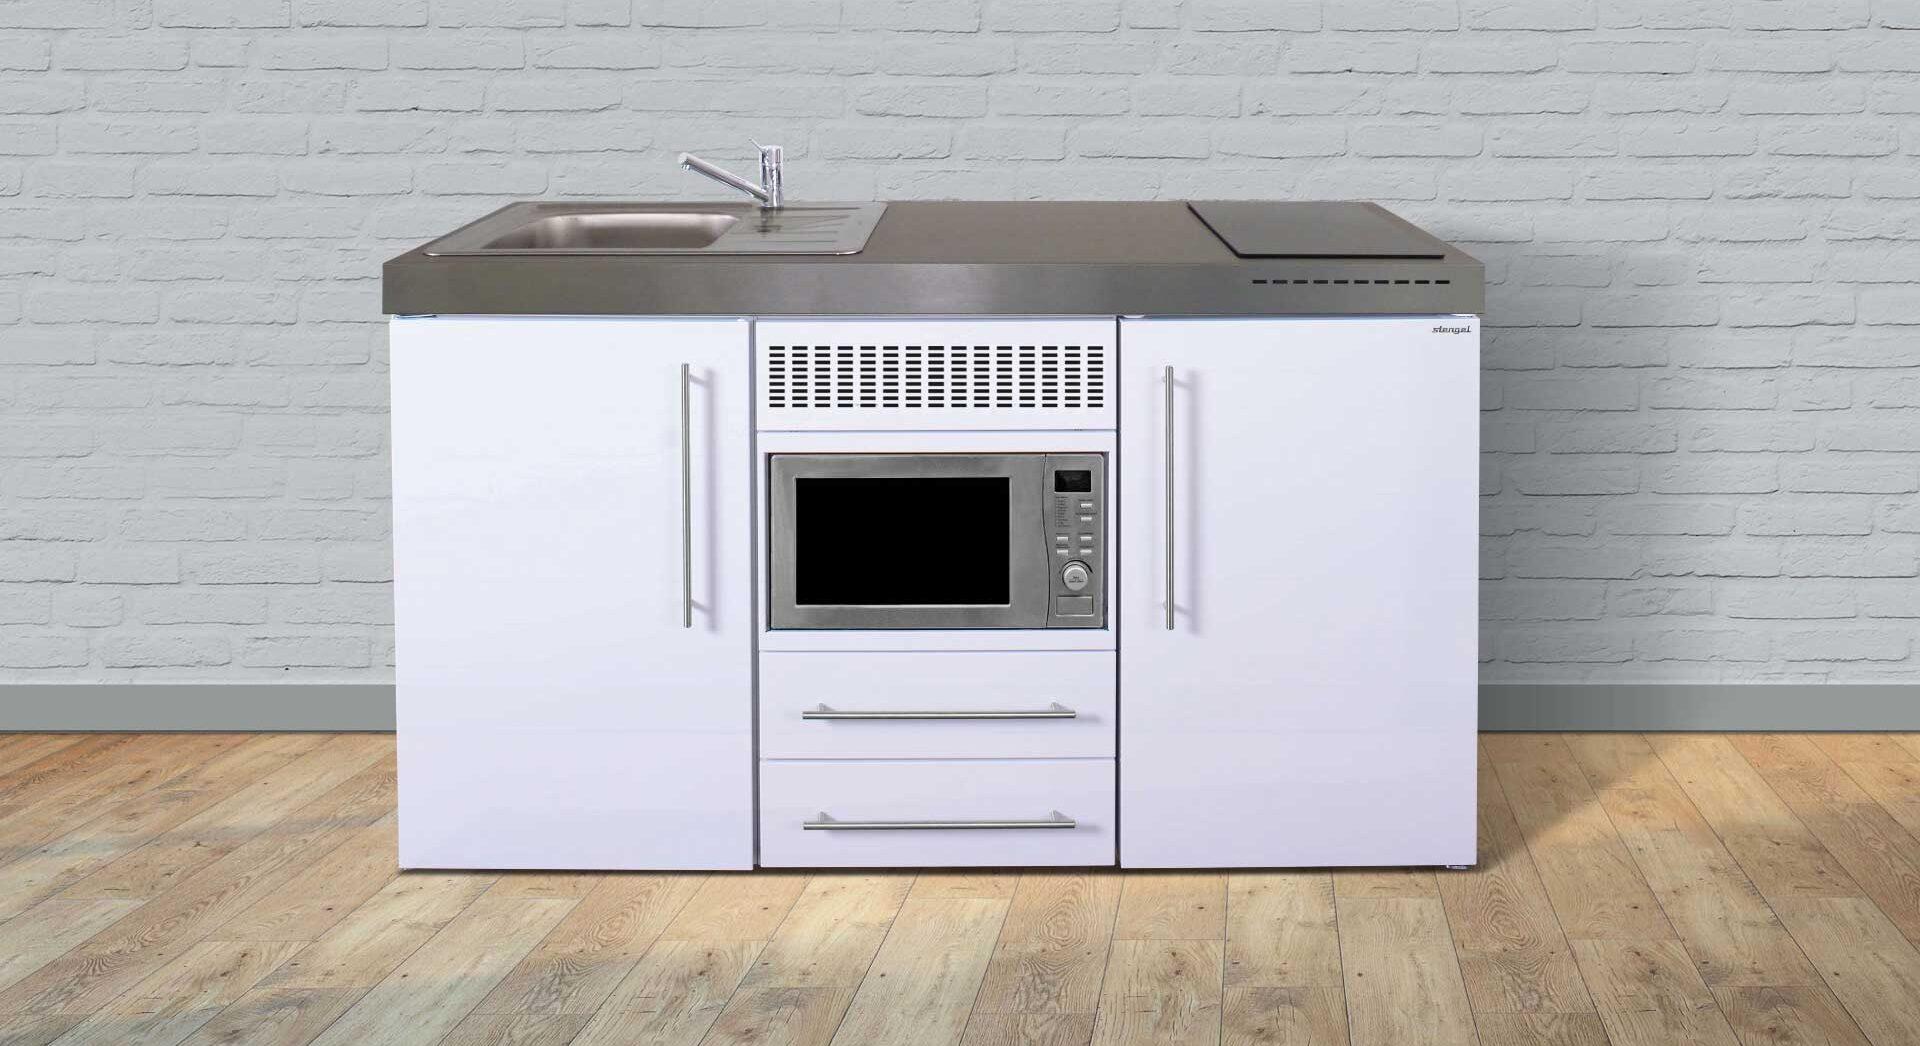 Minikøkken (stålkøkken) MPM 150 - inkl. hvidevarer. Bæredygtige og genanvendelige materialer.Pulverlakeret - vælg mellem 8 flotte farver. se pris/tilbud, produktdata og tilvalg hos Kimbrer Lines